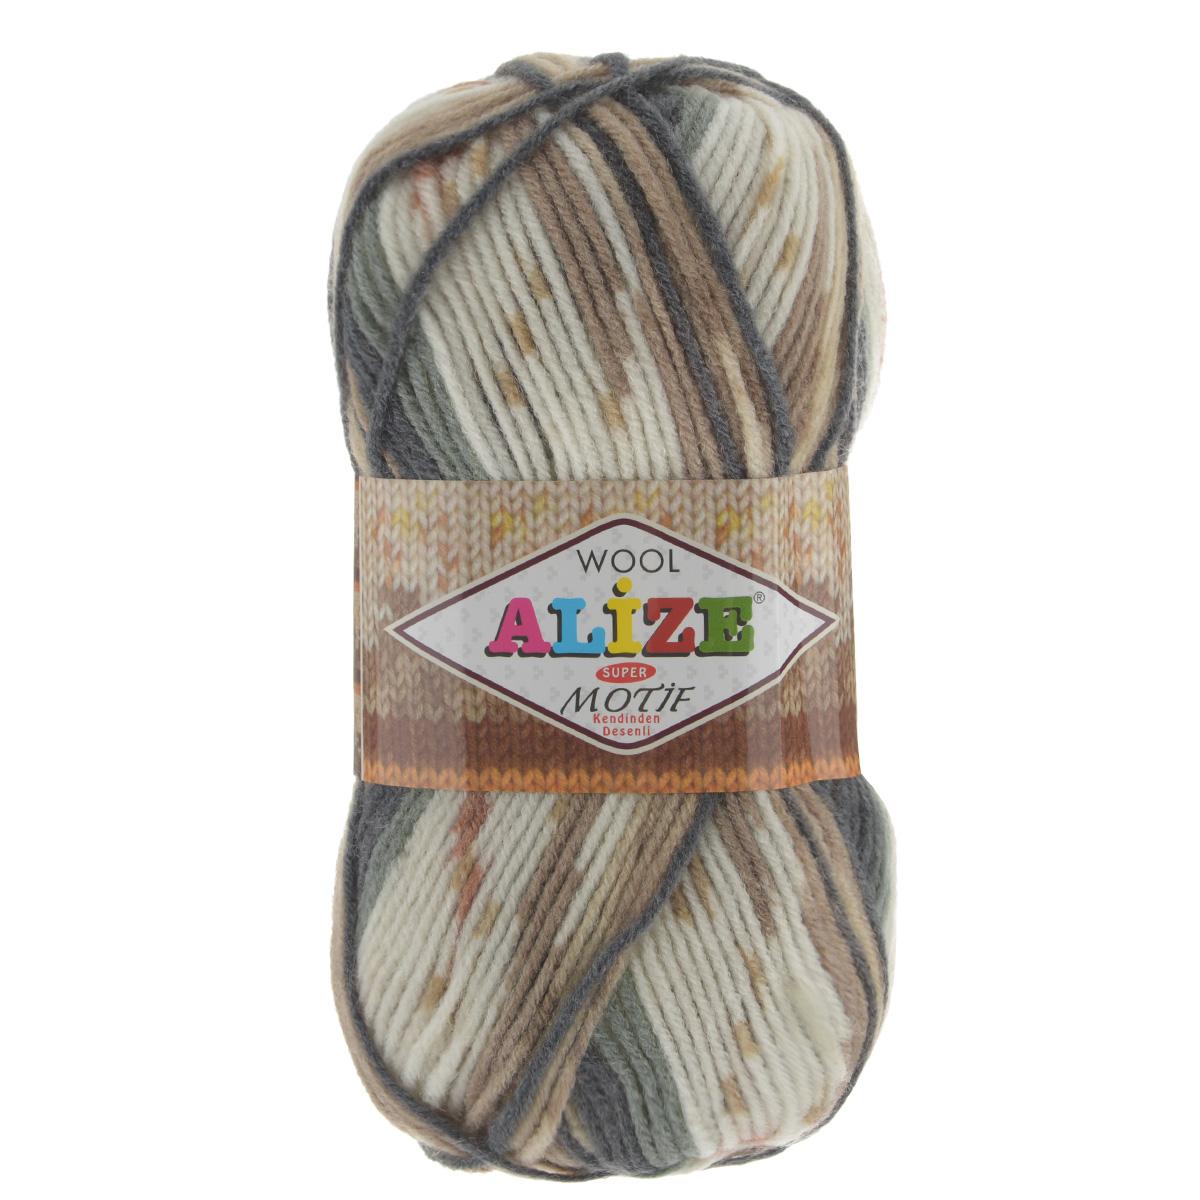 Пряжа для вязания Alize Motif, цвет: белый, бежевый, серый (2959), 200 м, 100 г, 5 шт367014_2959Турецкая пряжа Alize MOTIF для ручного вязания. Нить толстая крученая, очень мягкая. Хорошо подходит для вязания теплых свитеров, пальто, изделий для интерьера. Оригинальное сочетание разноцветного узора и полос. Теплая осенне-зимняя пряжа для всей семьи. При вязании лицевой гладью складываются жаккардовые узоры. Состав: 80% акрил, 20% шерсть. Рекомендованные спицы № 5-6.